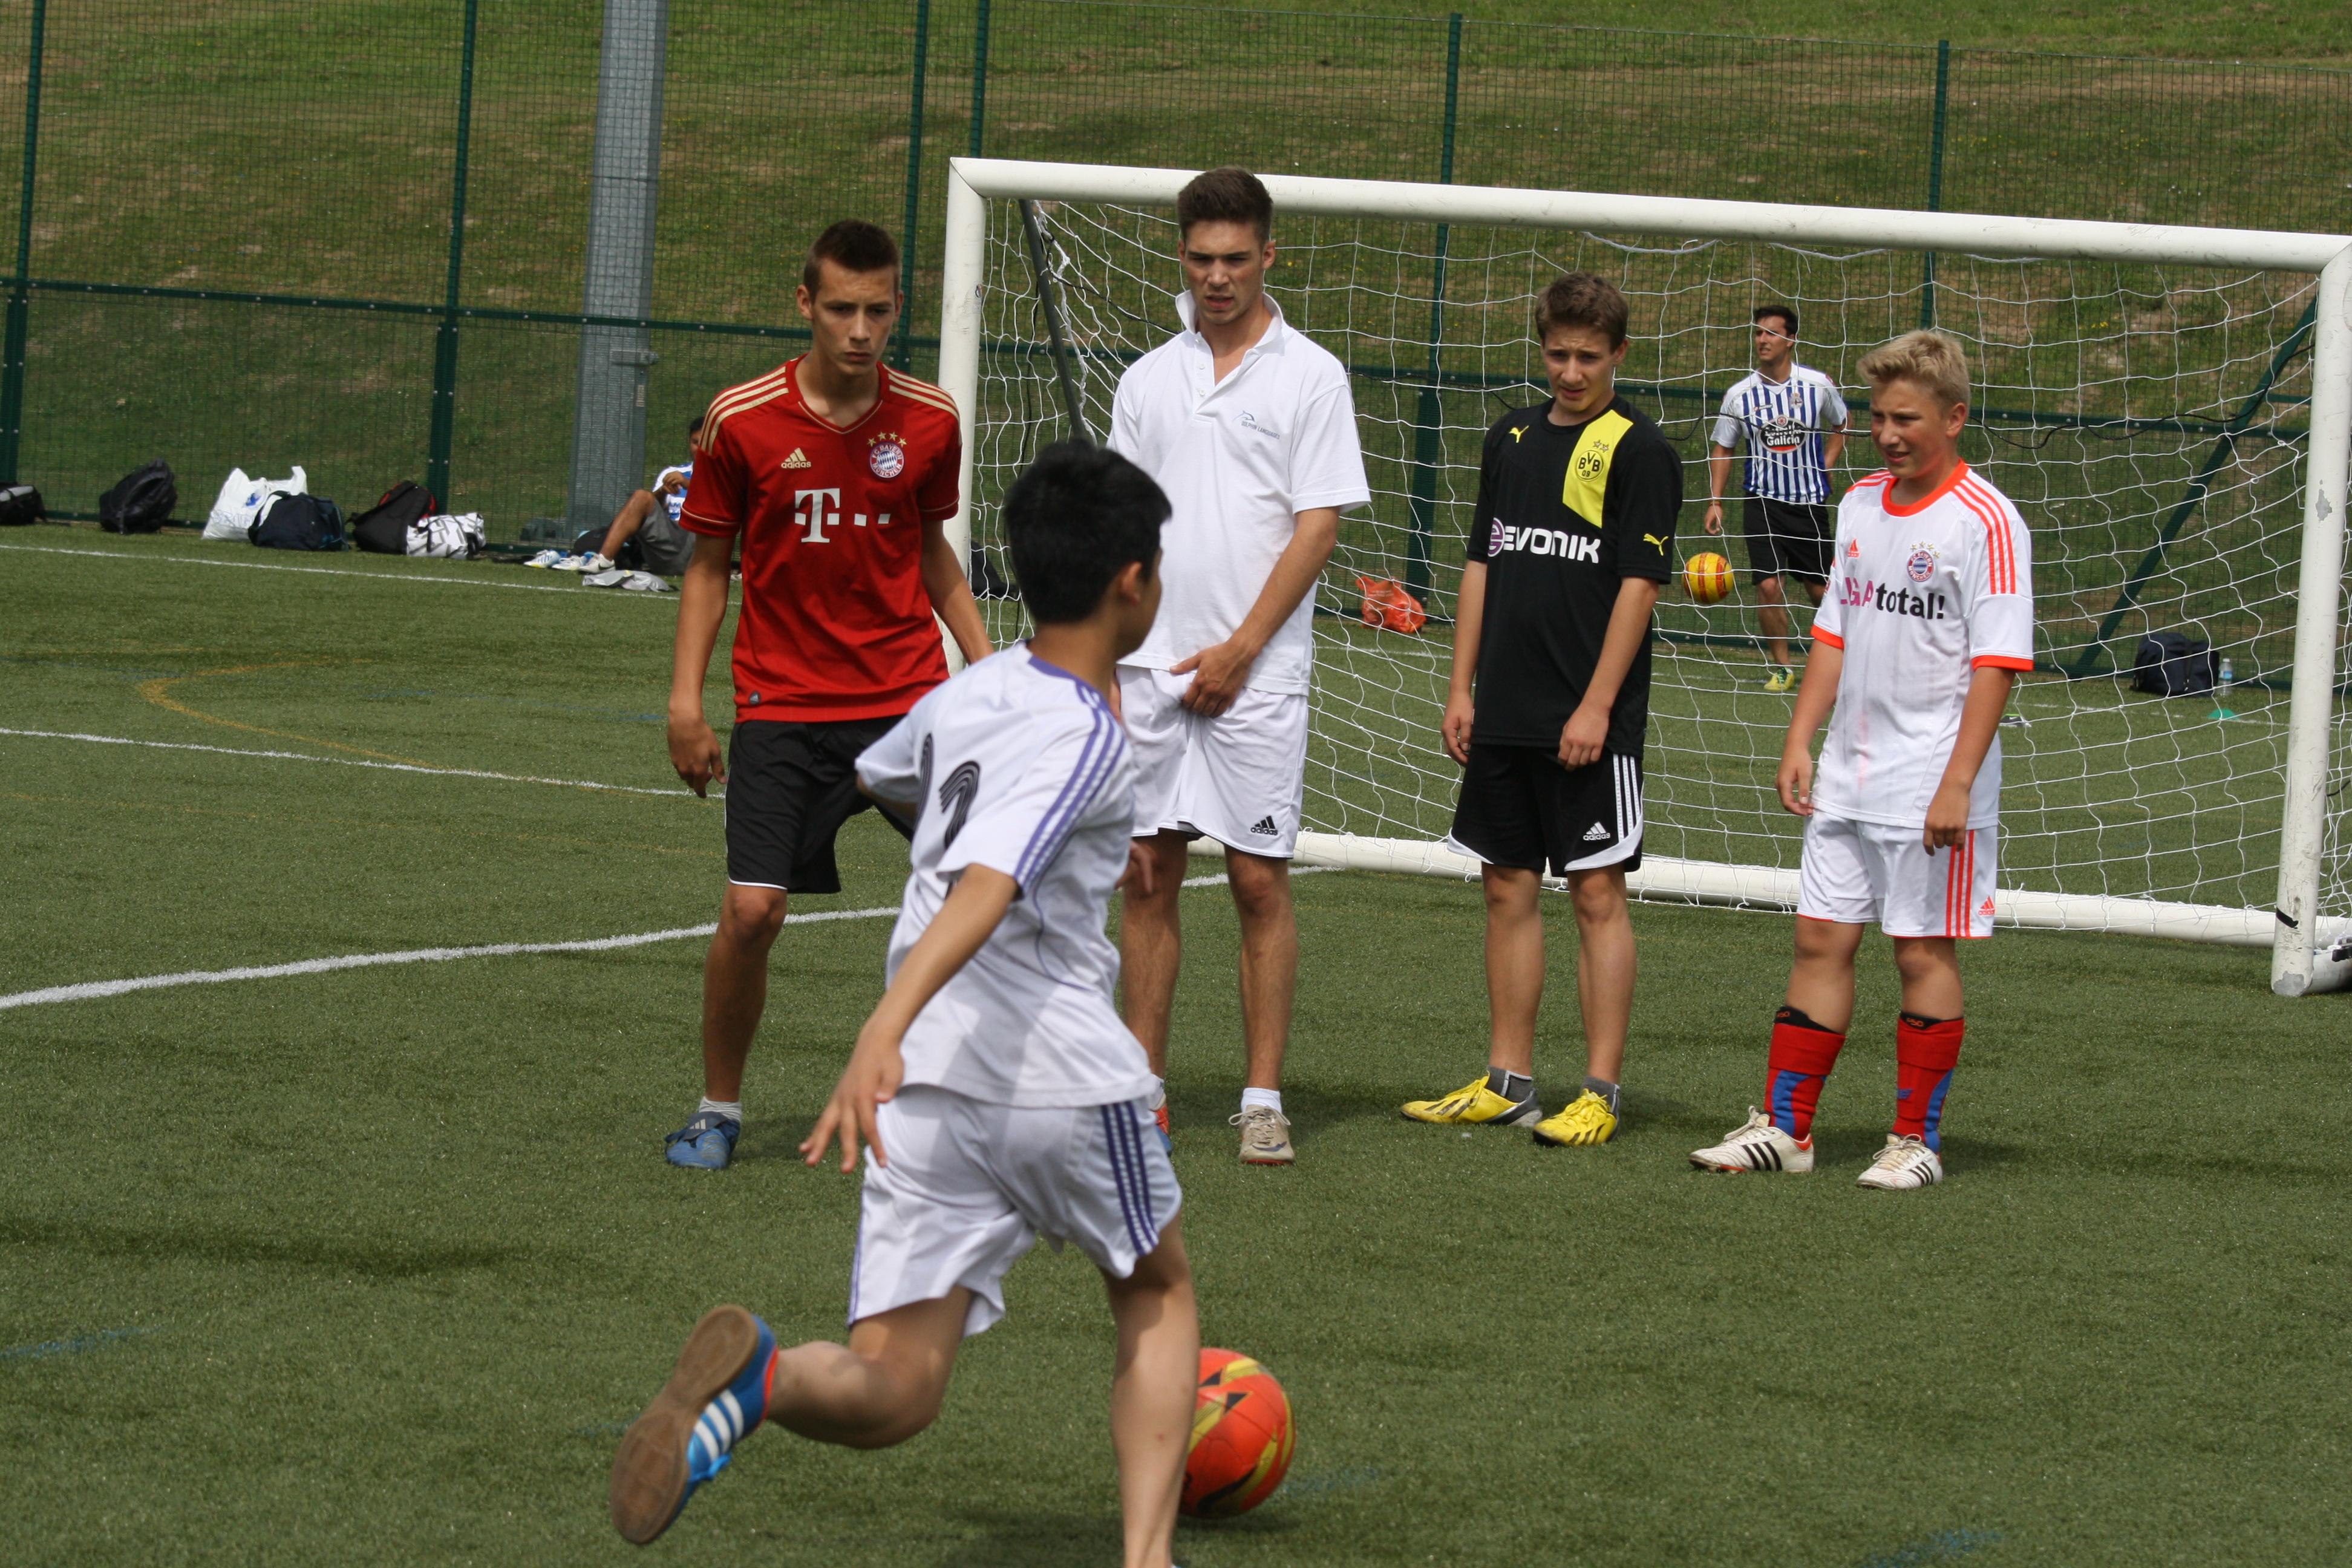 Summer Camp con Niños Irlandeses 10-13 años – Grupo con Monitor